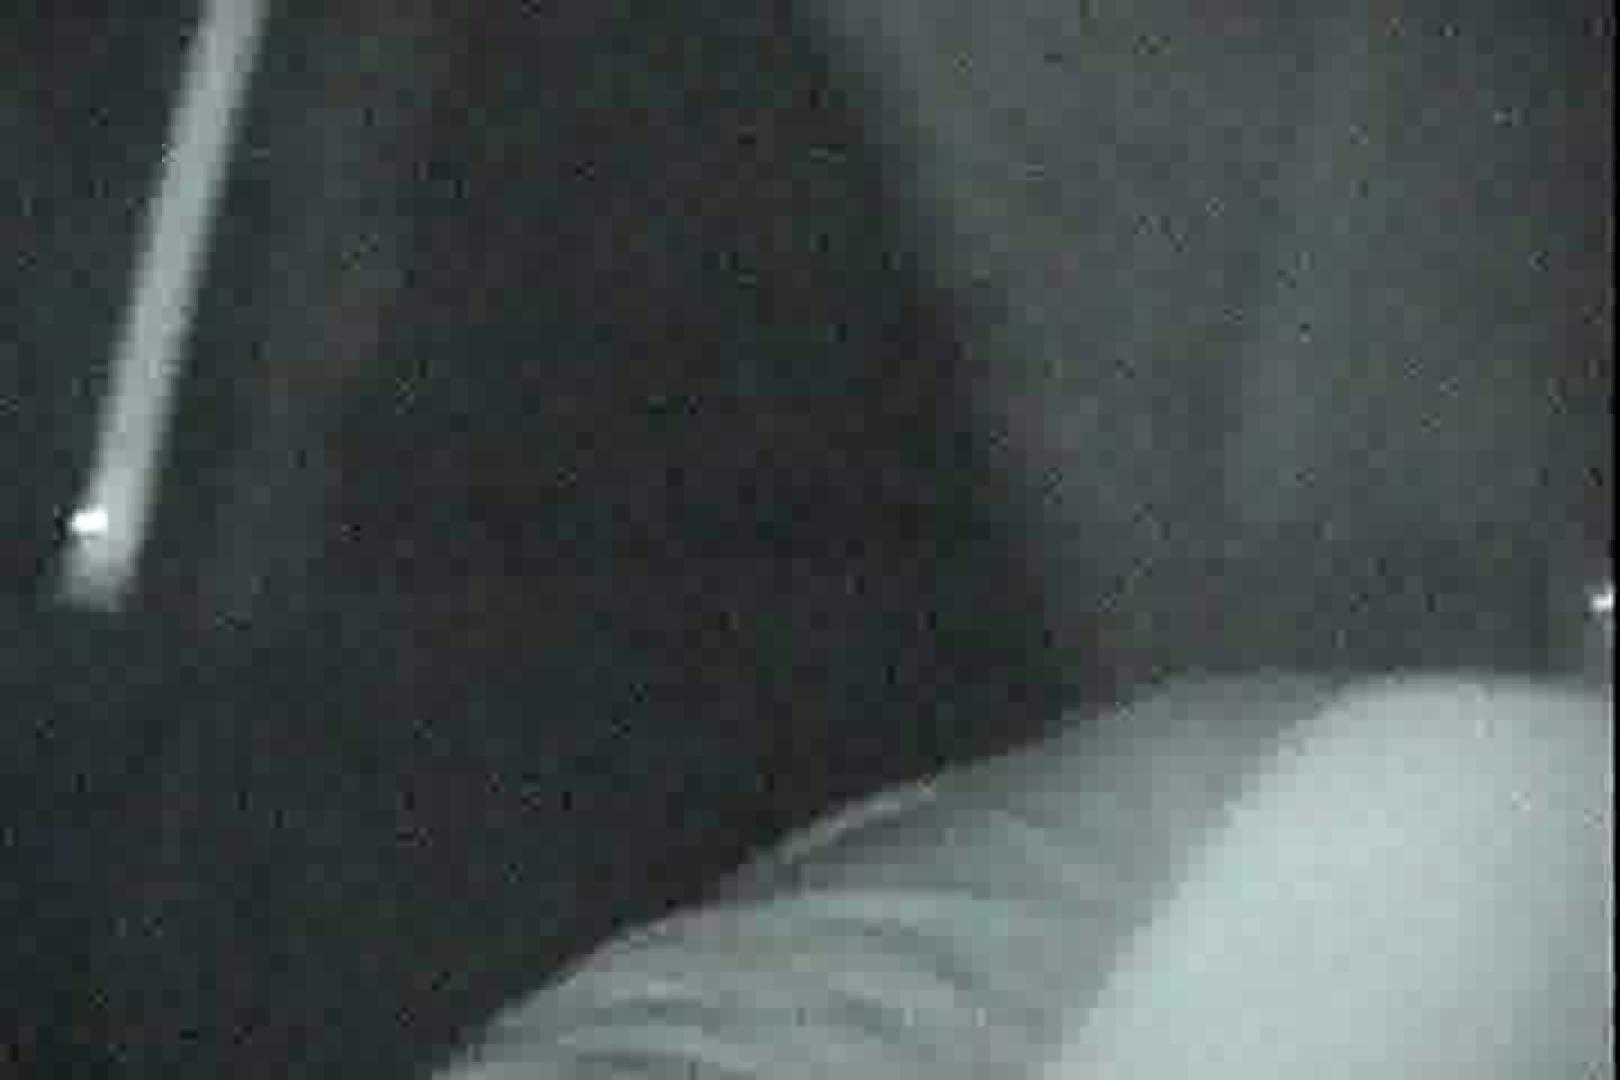 充血監督の深夜の運動会Vol.37 OLセックス のぞきおめこ無修正画像 57画像 41